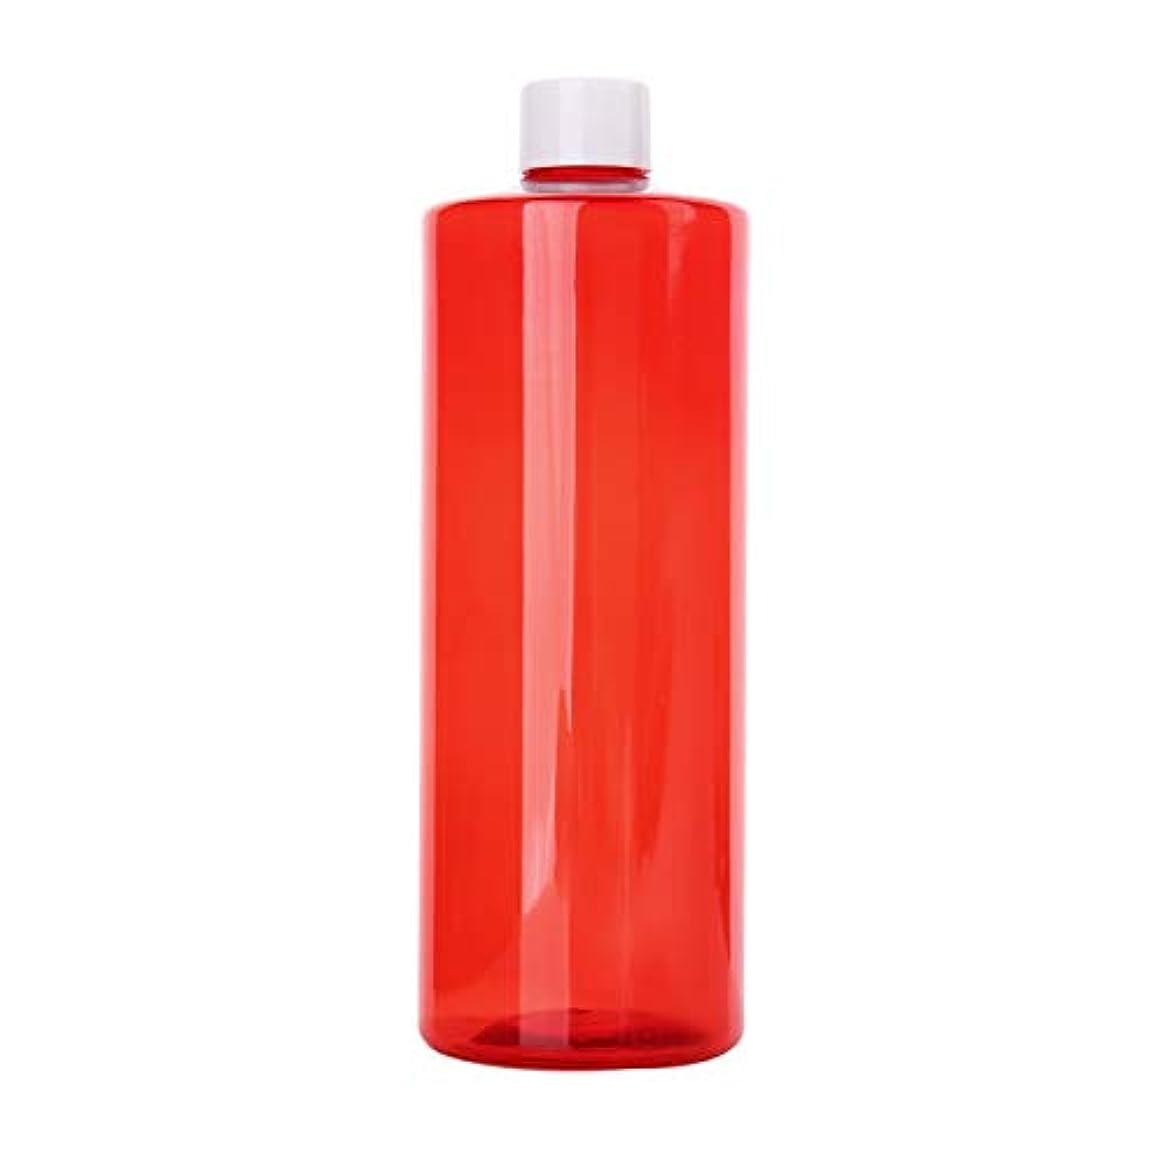 まっすぐ可動式魔術1本 化粧品用 詰め替えボトル 詰め替え容器 大容量 500ml 中栓付き 使いやすい 化粧水用 シャンプー クリーム 貯蔵用 携帯用 空容器 おしゃれ 白ヘッド レッド